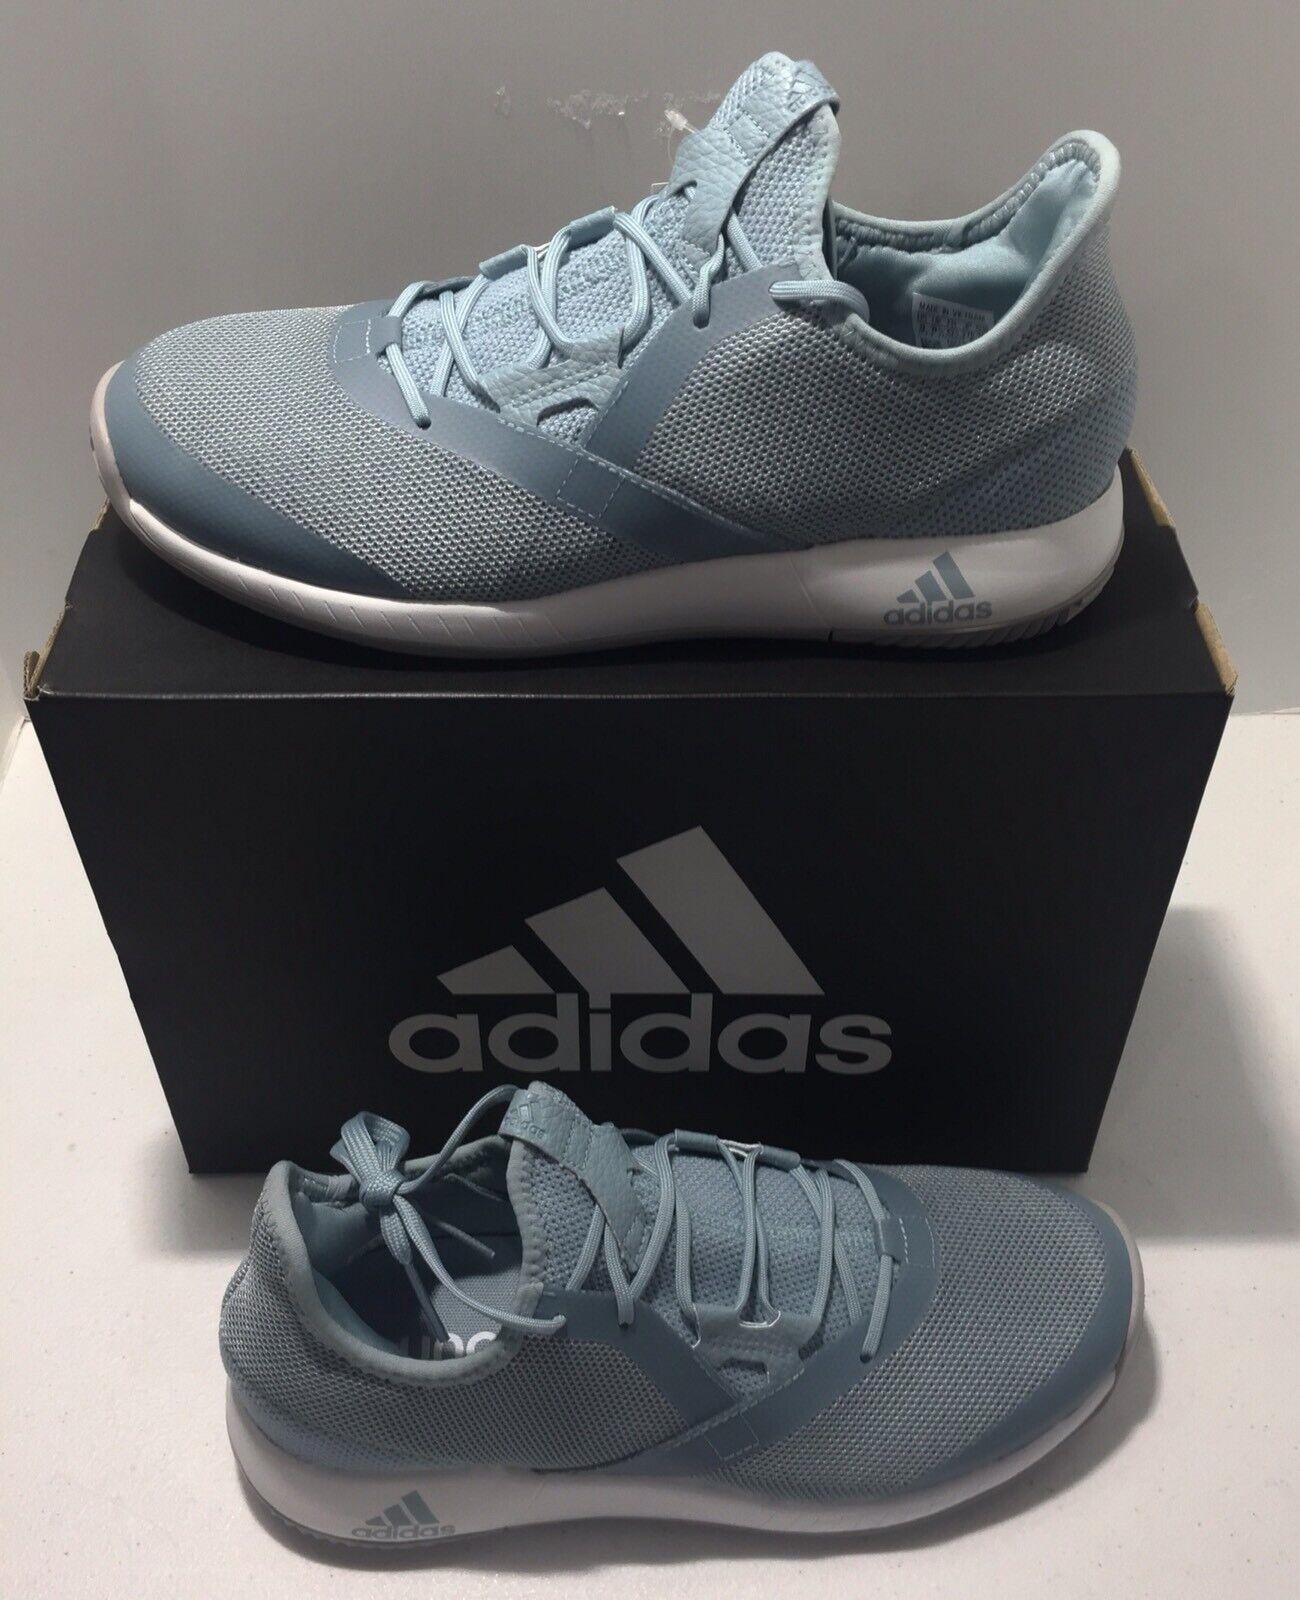 Men's Adidas Adizero Defiant Bounce Tennis shoes Size 8.5 (CG6348)